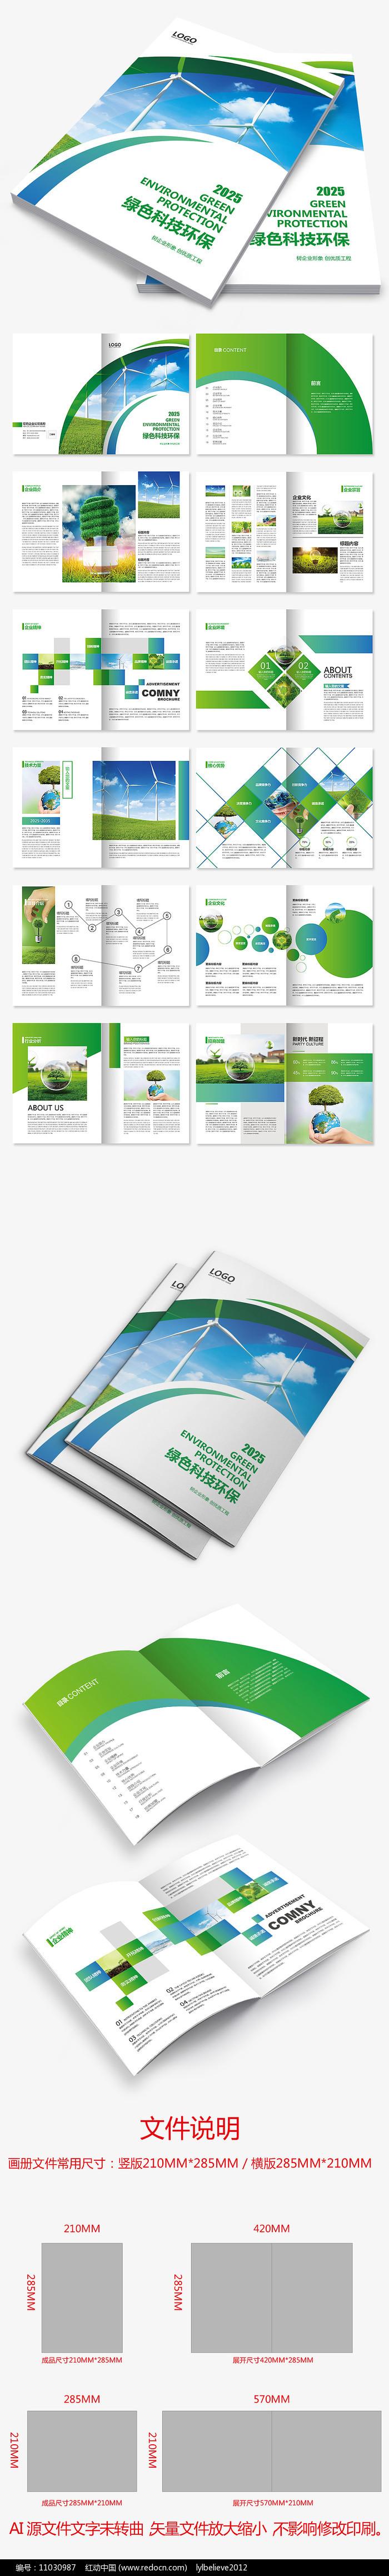 绿色新能源画册科技环保光伏画册设计模板图片